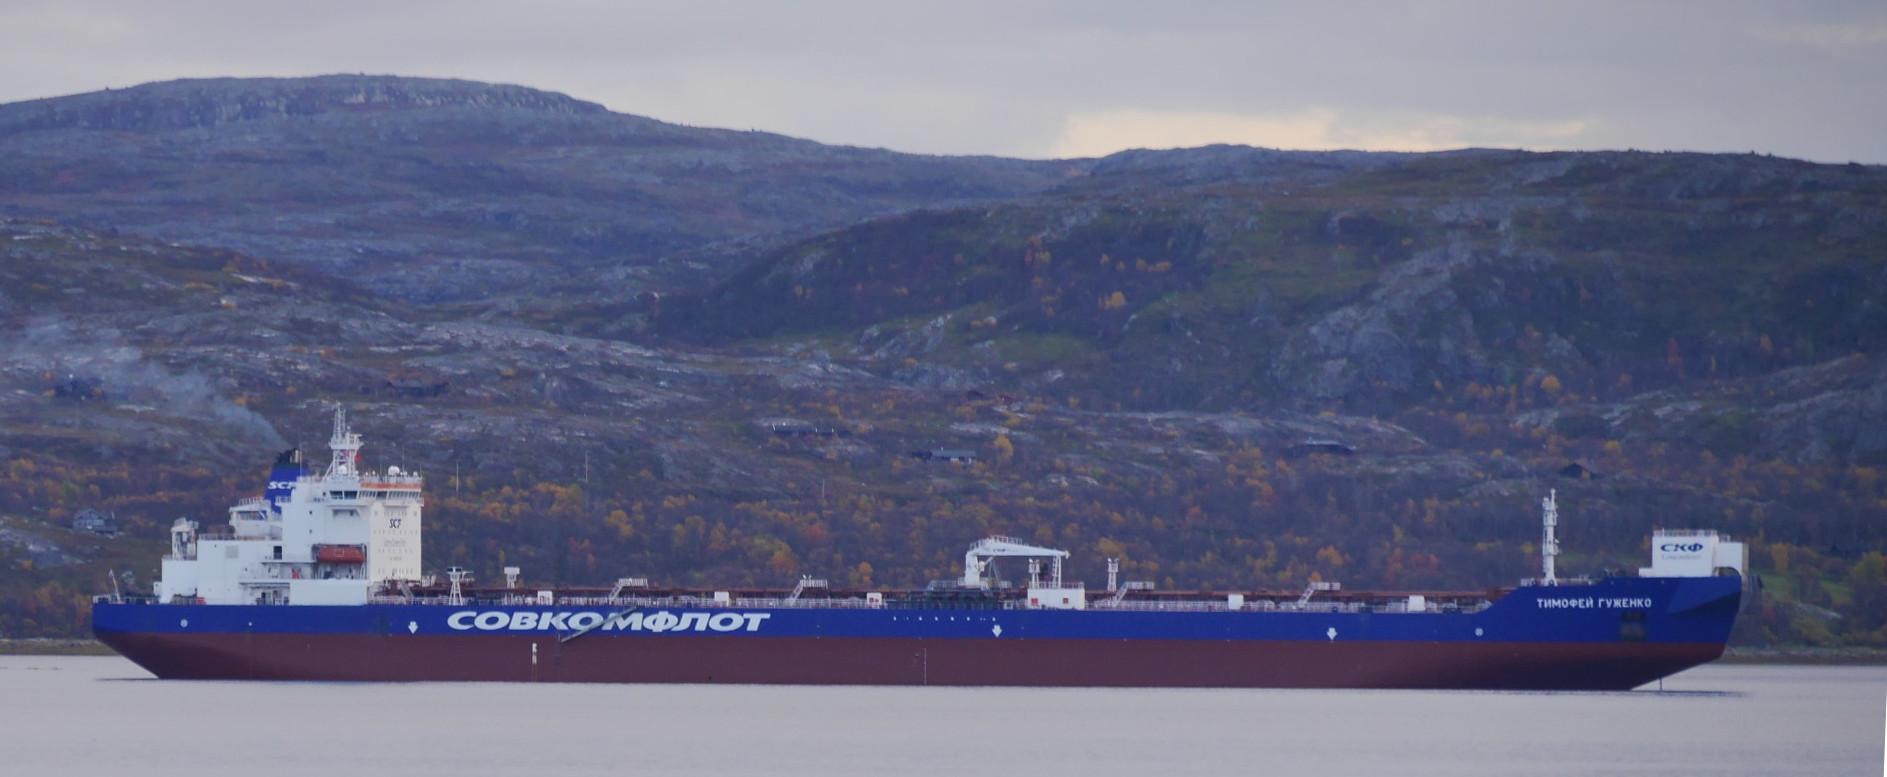 Tanker shi 70 000 arc6 wikipedia - Frais de port gratuit showroomprive ...